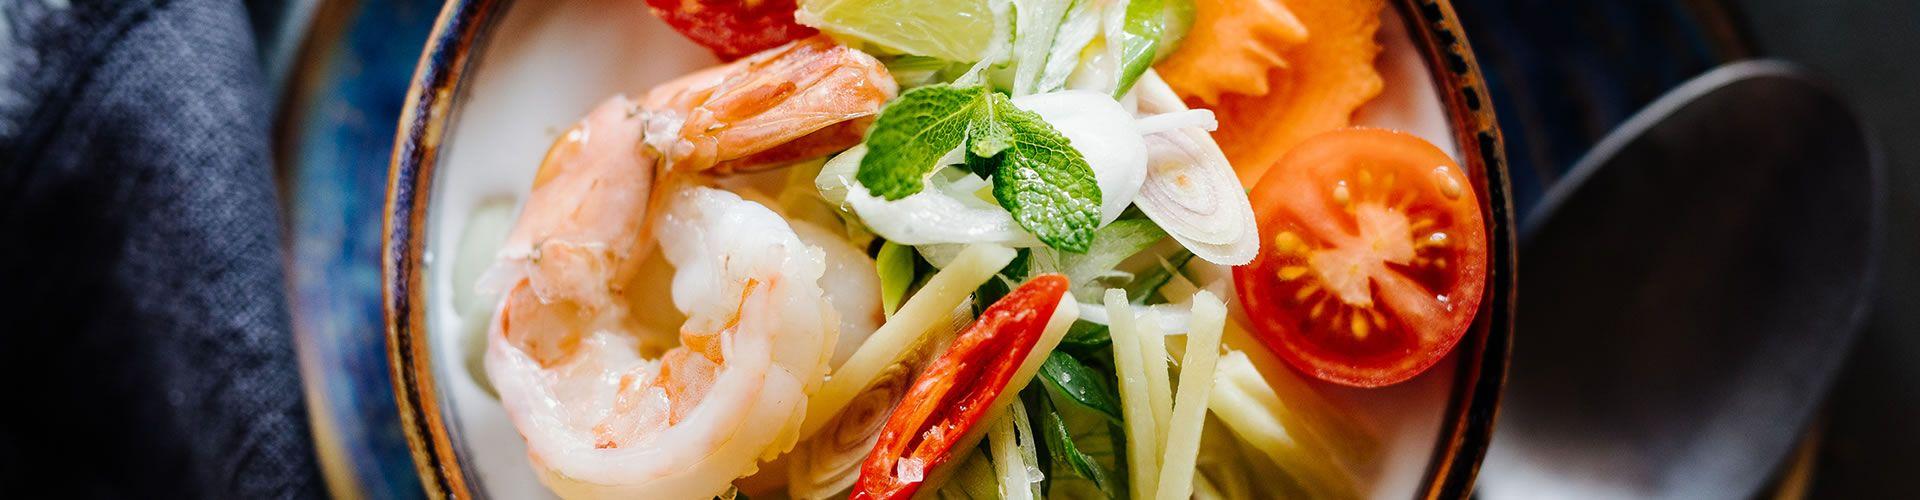 Thailändische Spezialitäten